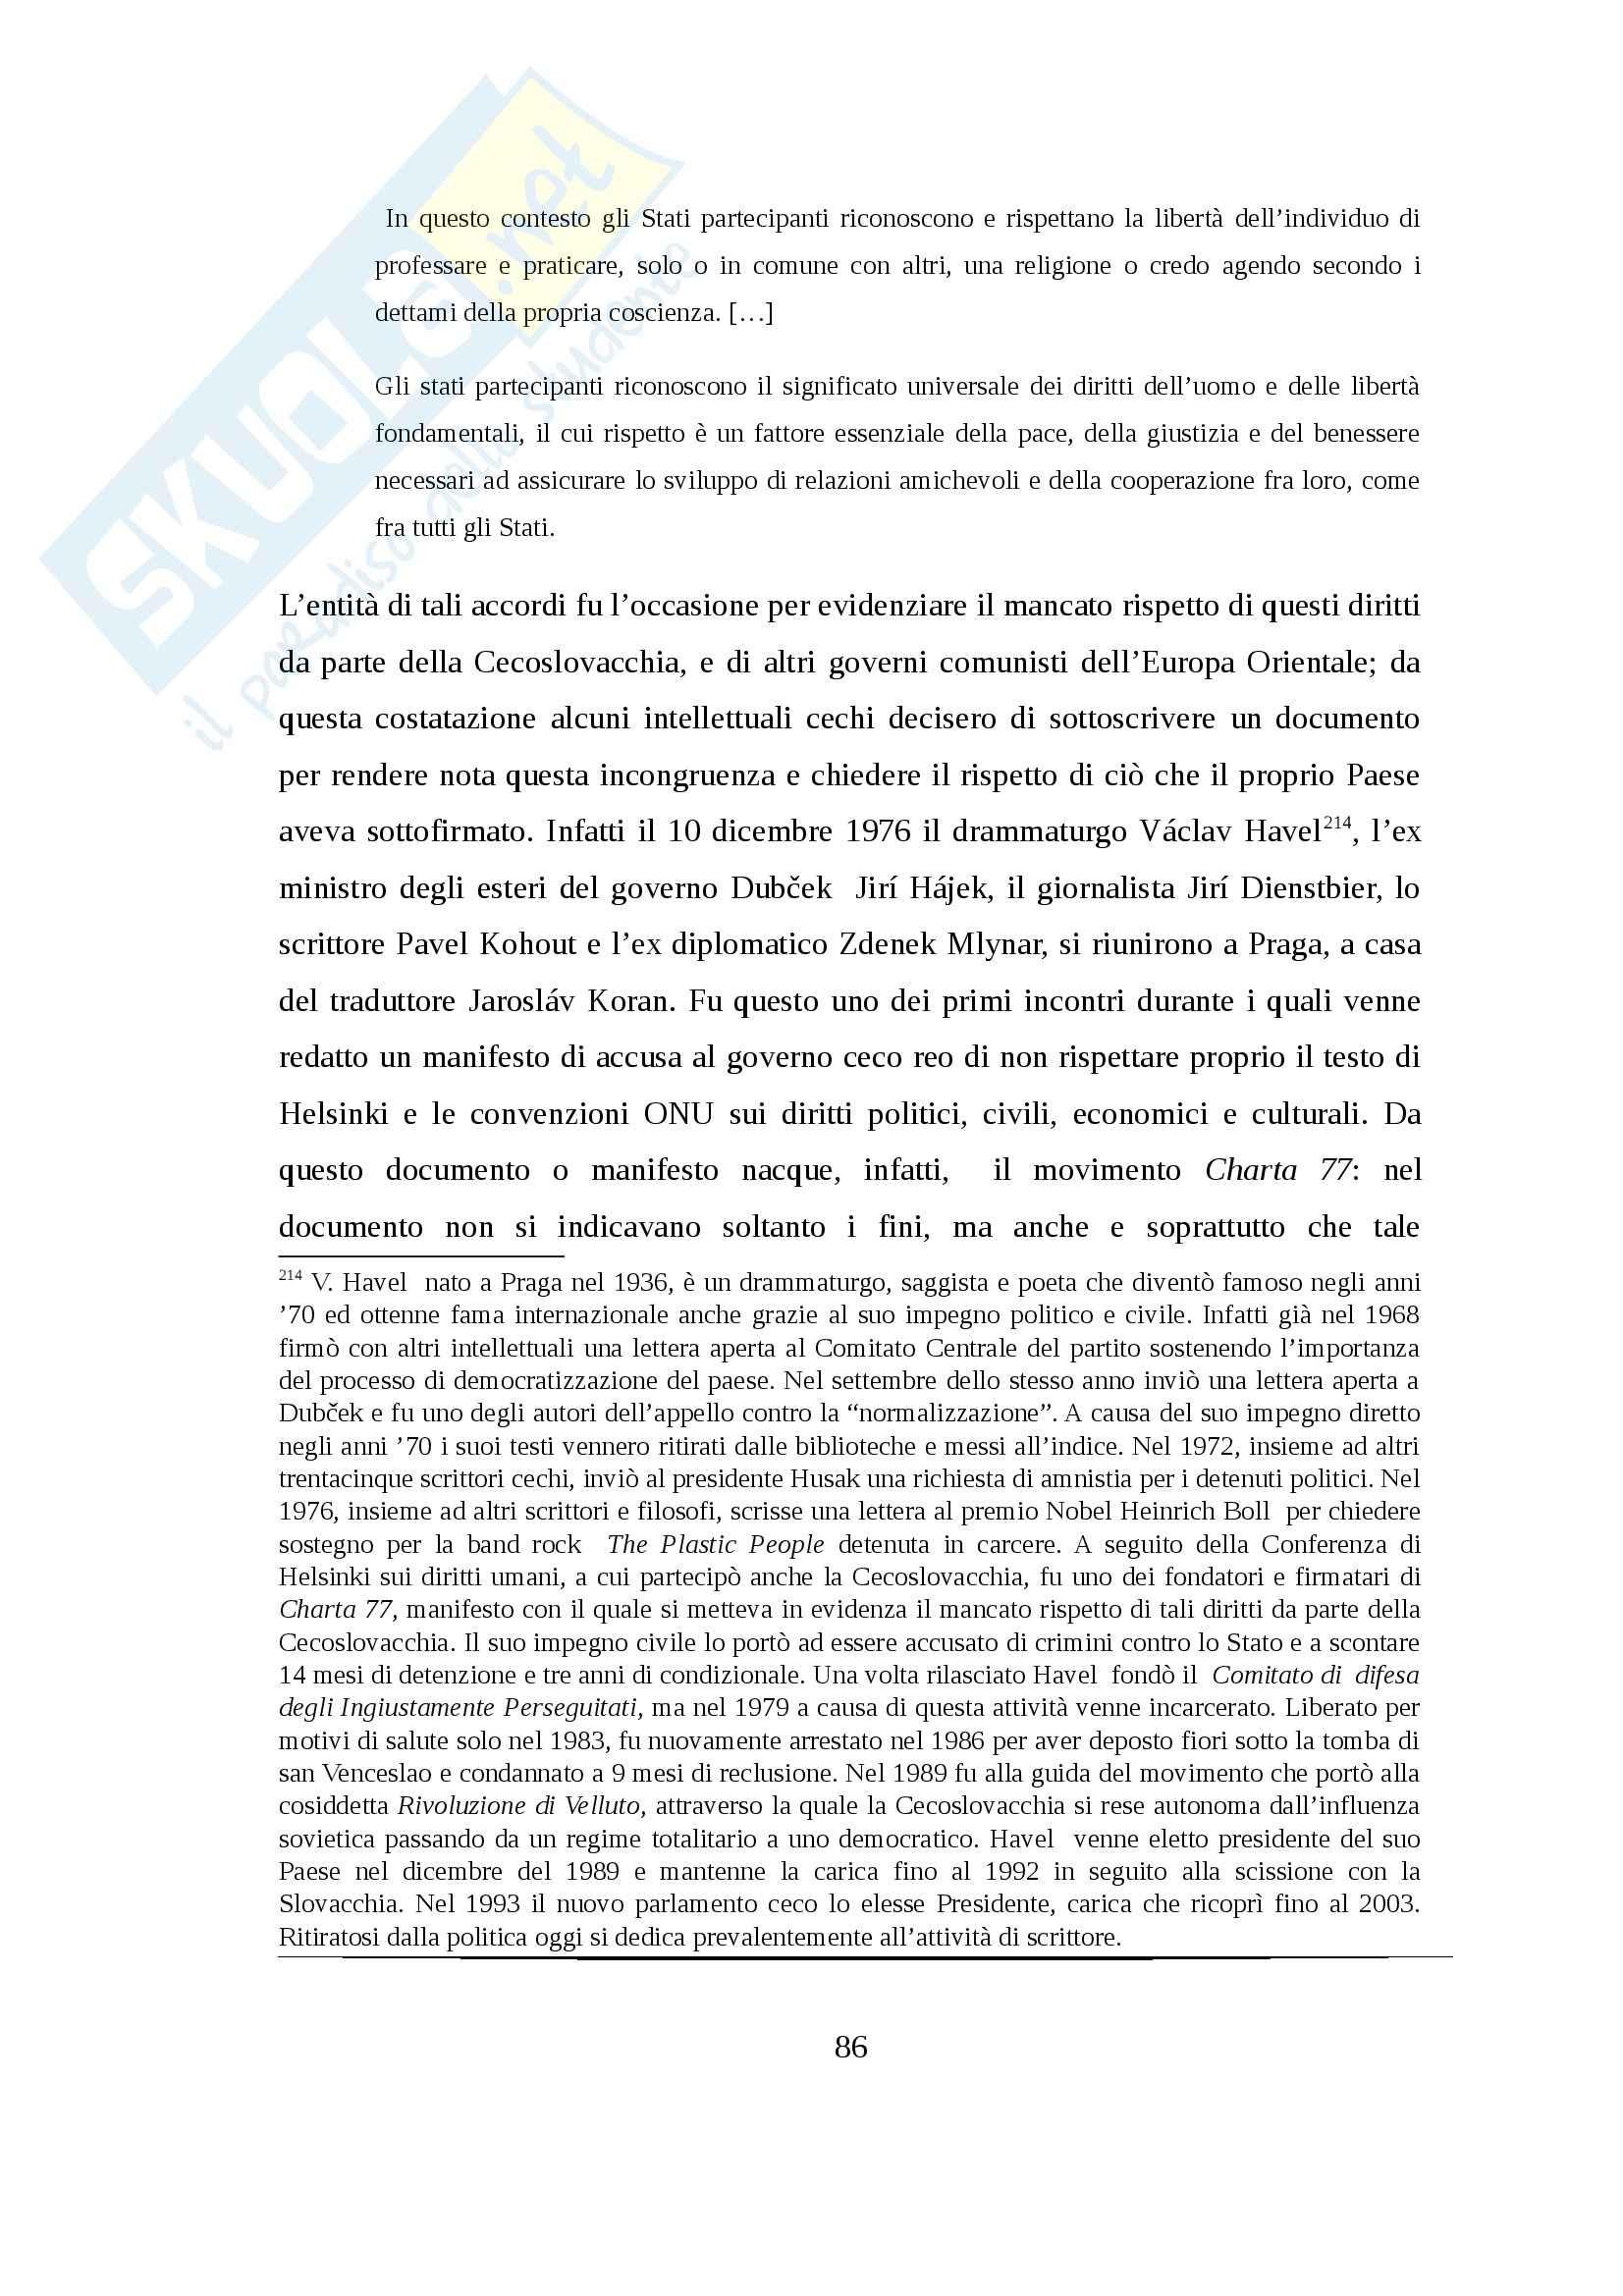 Tesi - Attualità del socratismo politico. La responsabilità di fronte al male da Arendt ad Havel Pag. 86